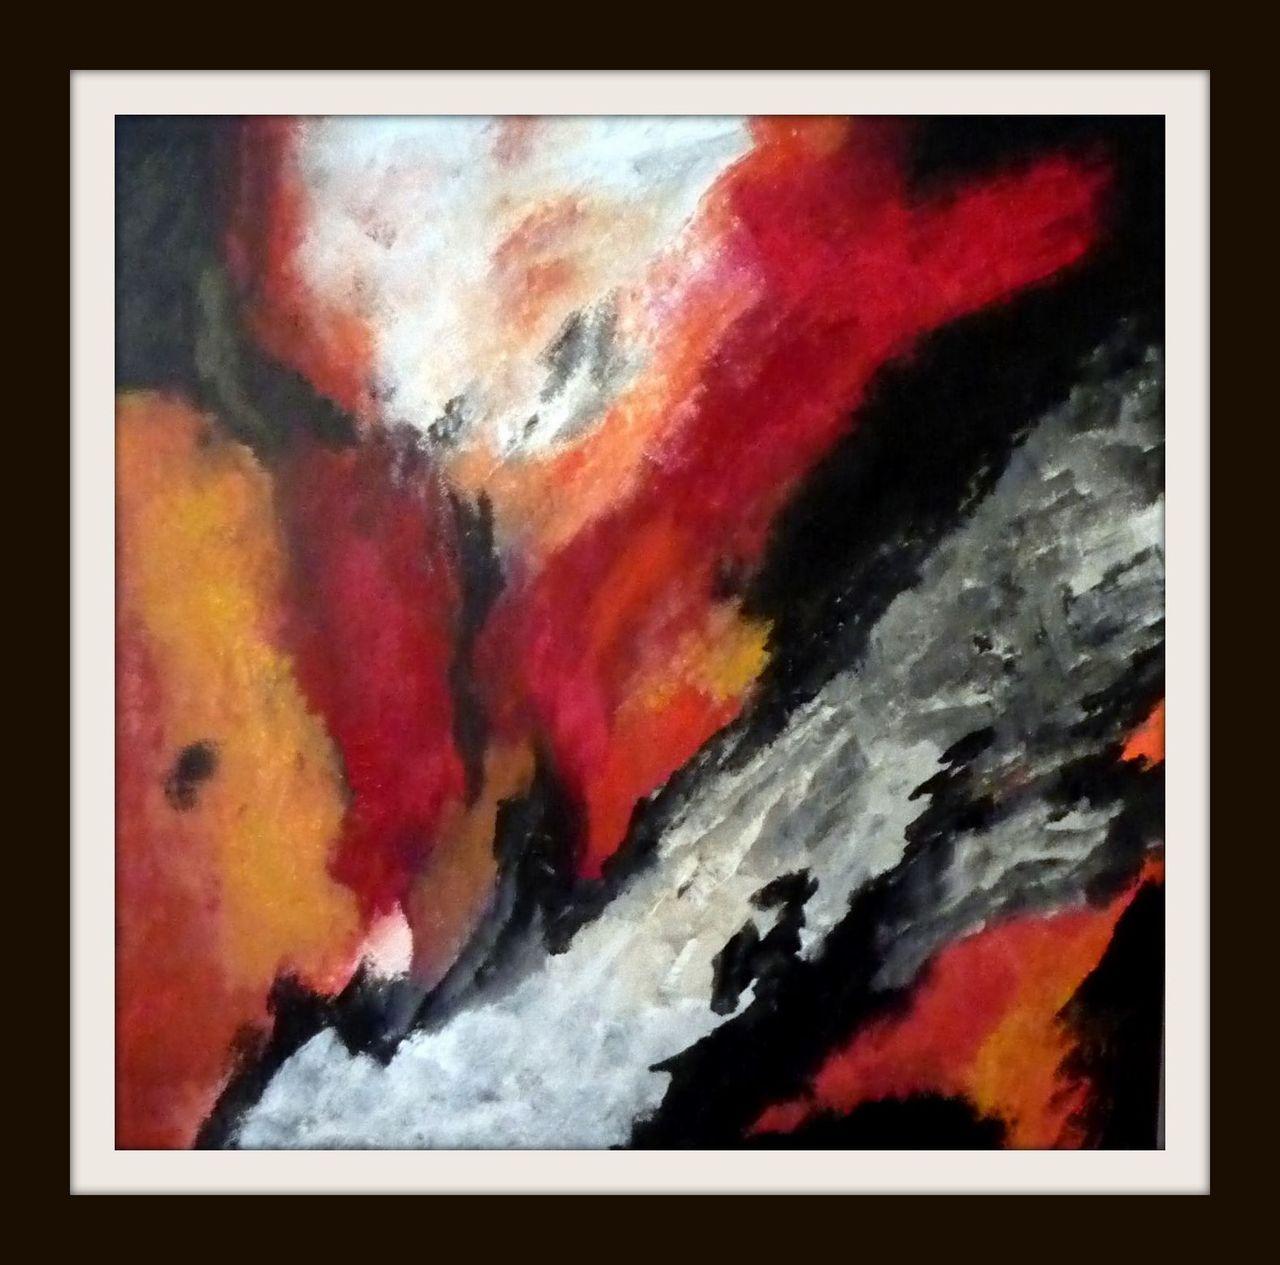 bild malerei abstrakt bildenden k nstlers von hans gaedeke bei kunstnet. Black Bedroom Furniture Sets. Home Design Ideas